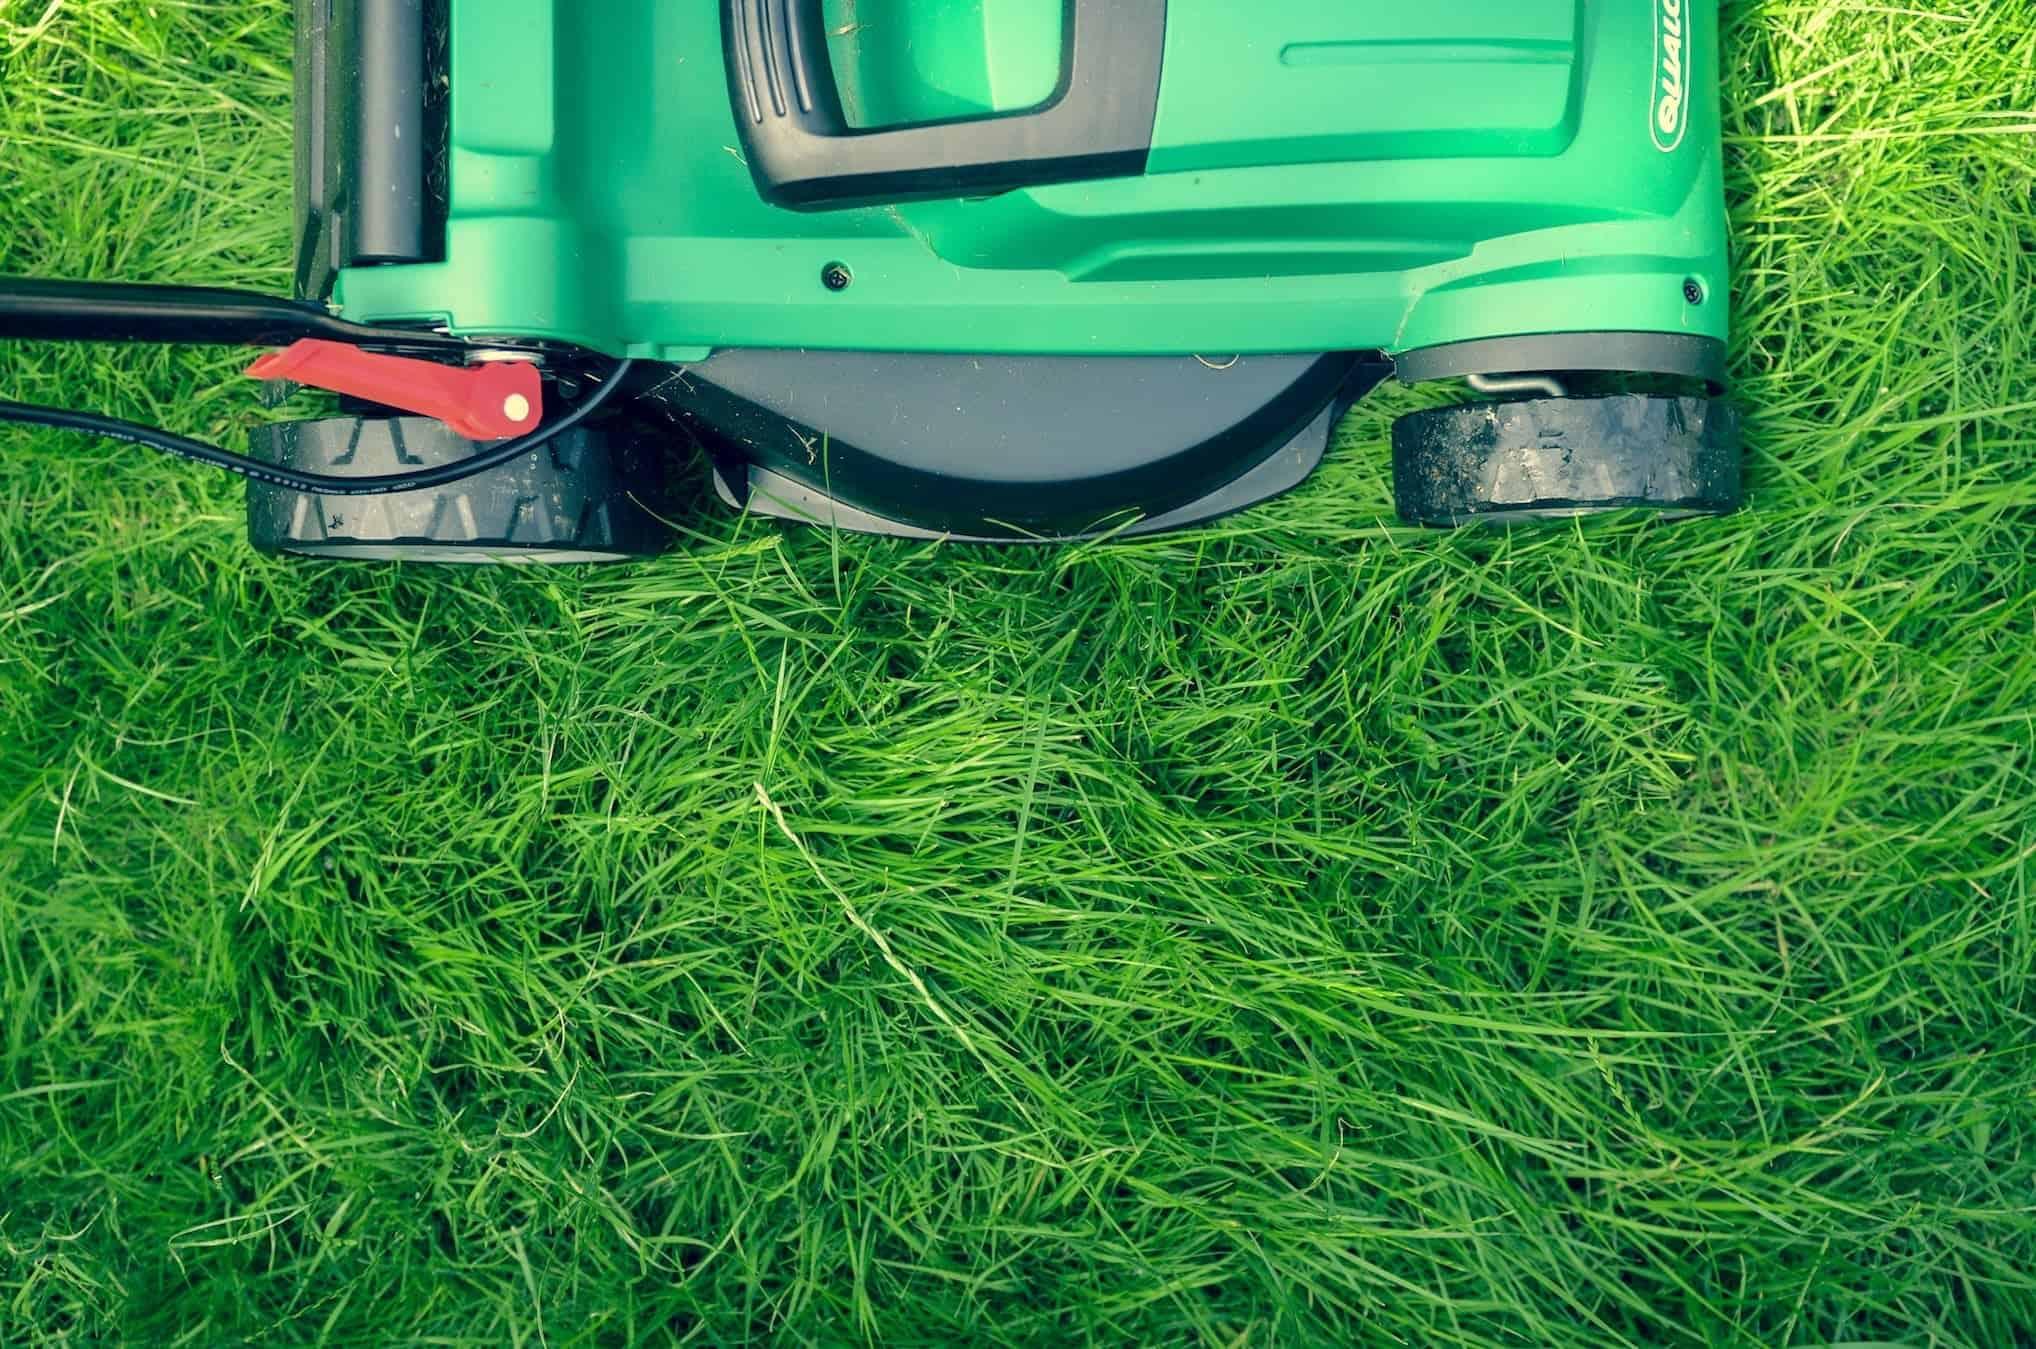 Green Lawn Mower Mowing Green Grass